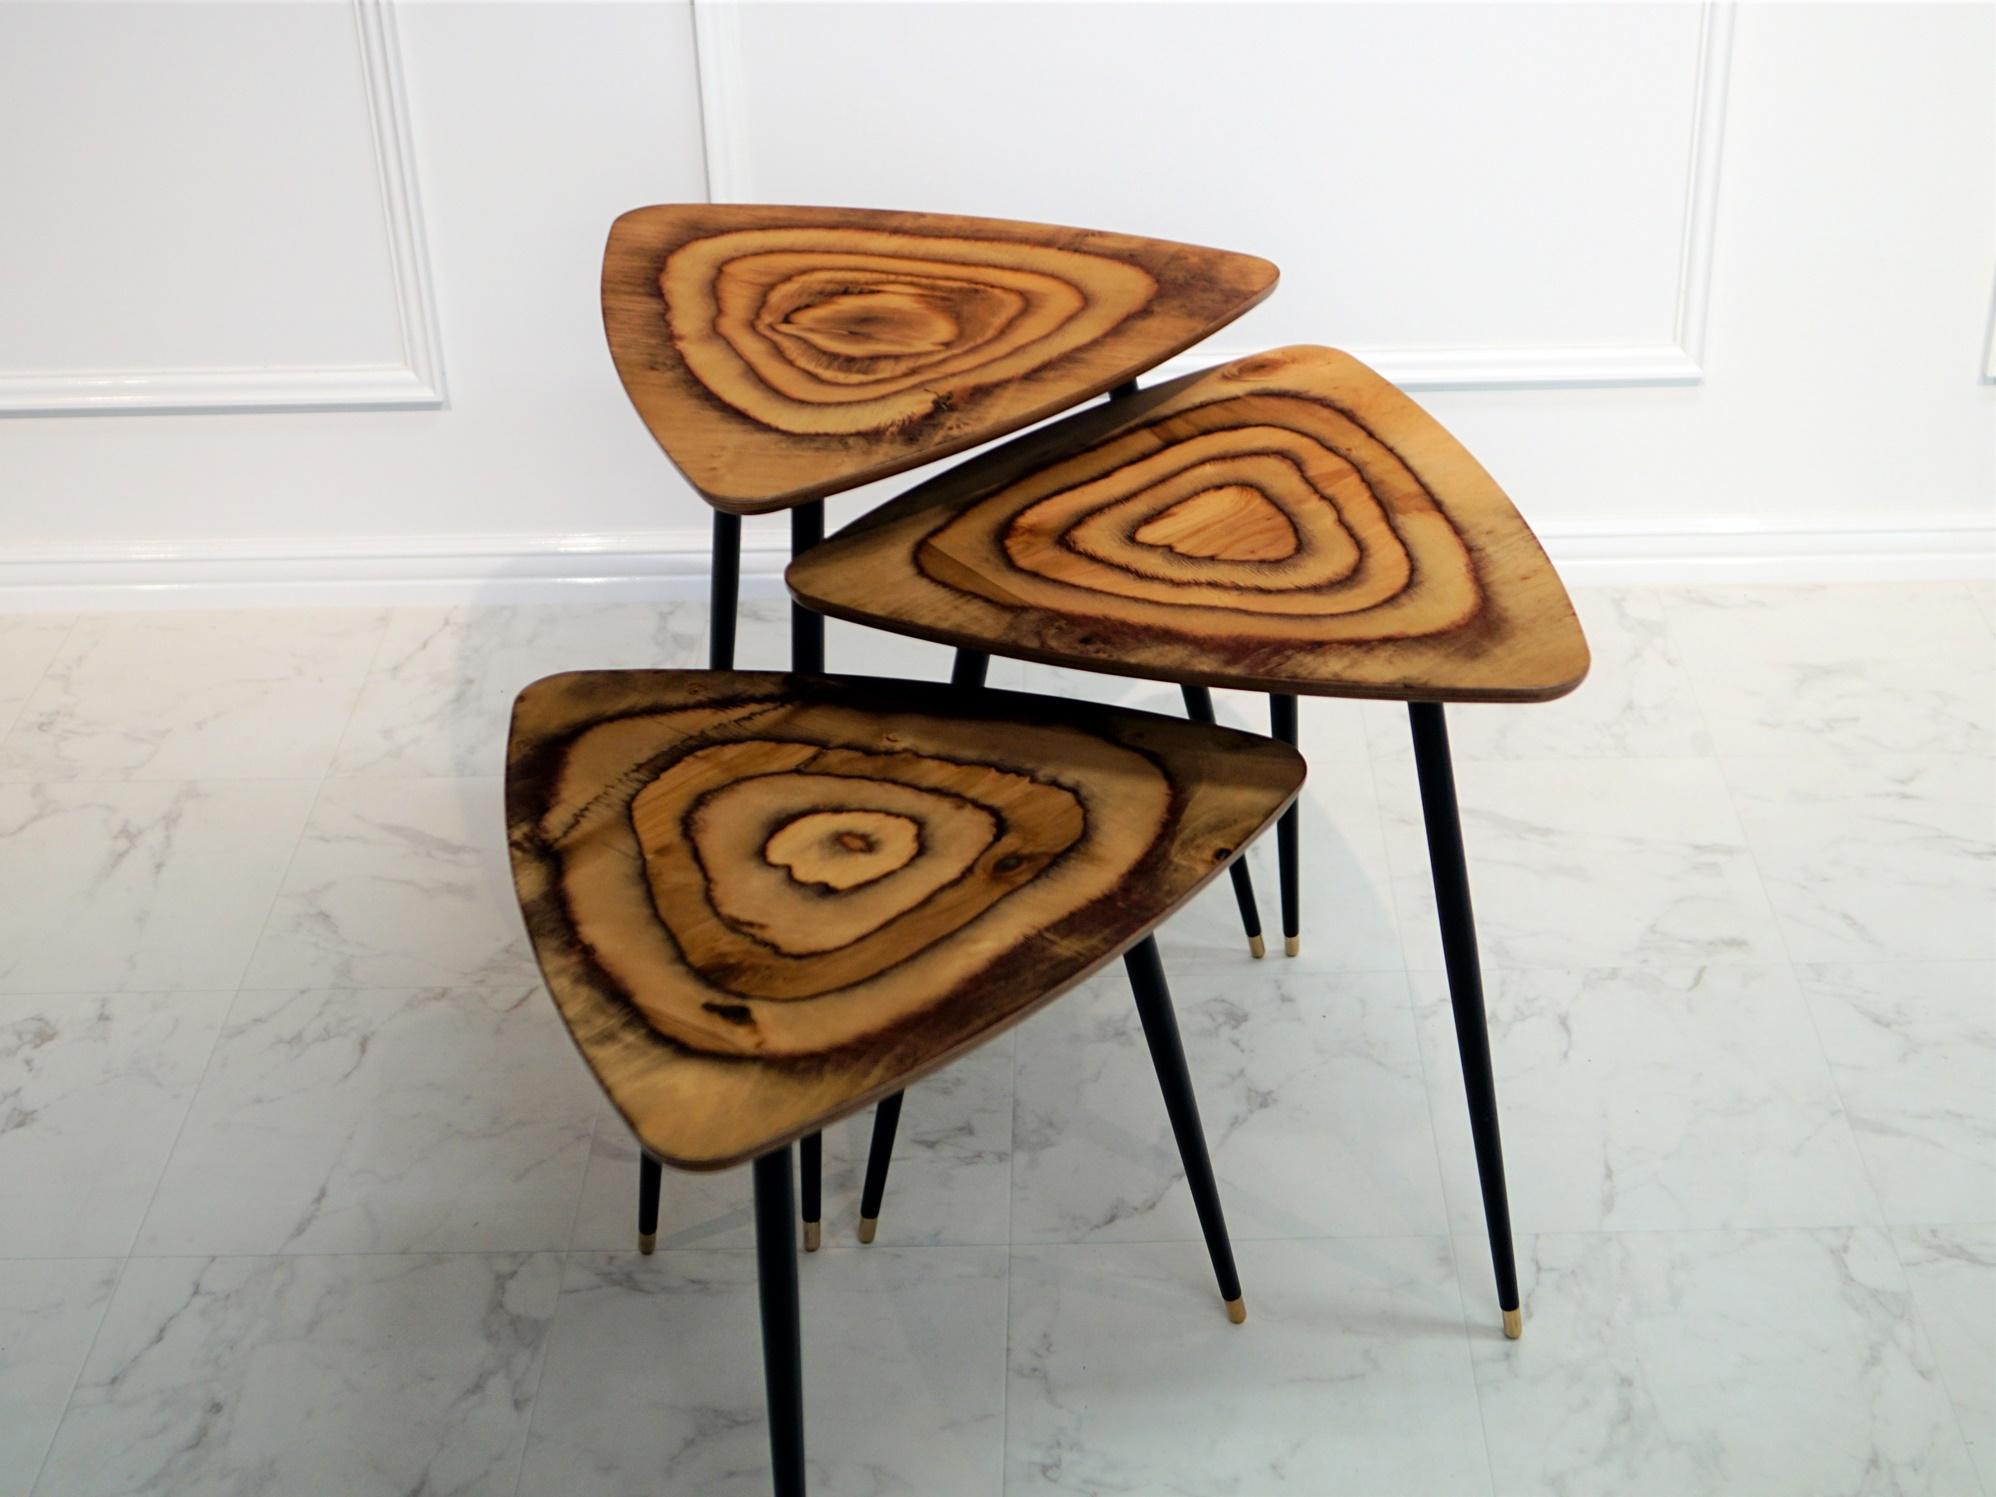 100%安い DORITOS サイドテーブル単品大中小 サイドテーブル セット 木製 ベットサイド 花台 家具 木目調 おしゃれ ソファサイド リビング アンティーク 輸入家具, 一志郡:c0279e6c --- coursedive.com